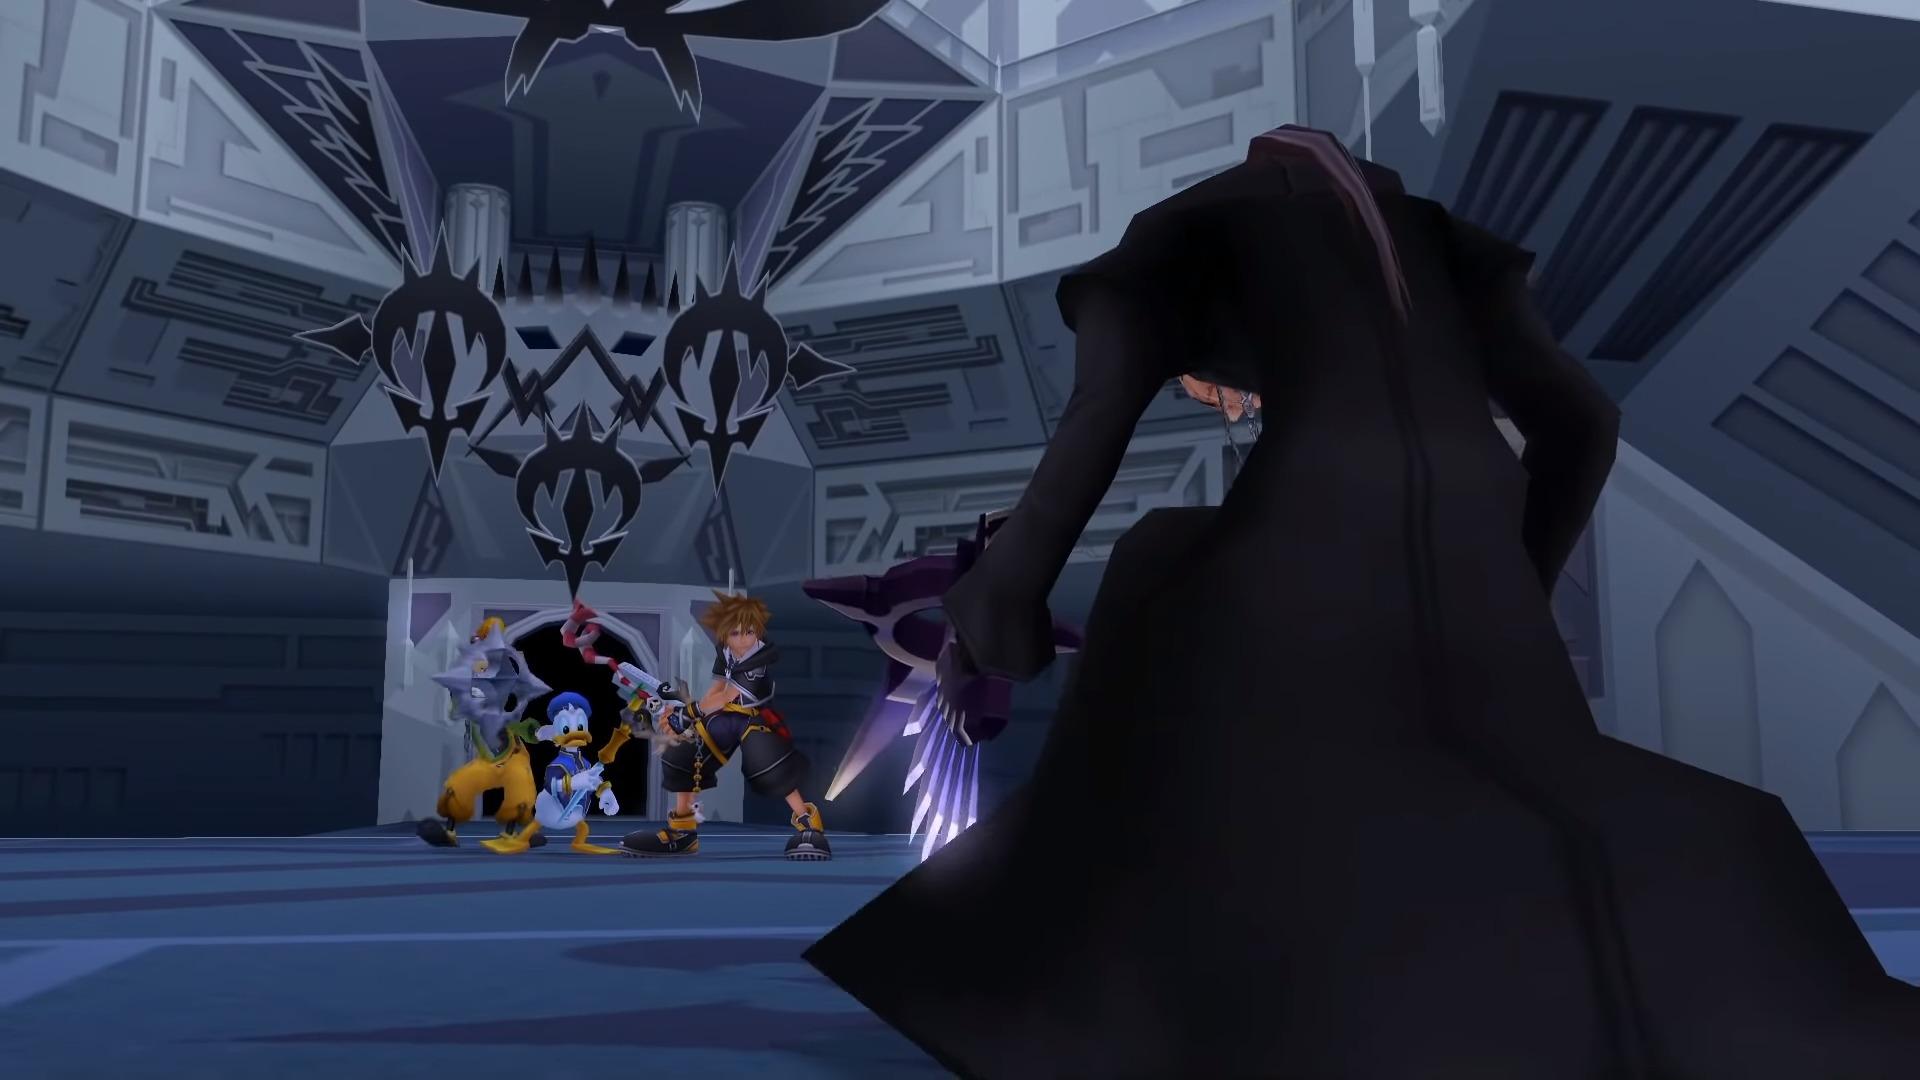 Xigbar apparaît devant Sora